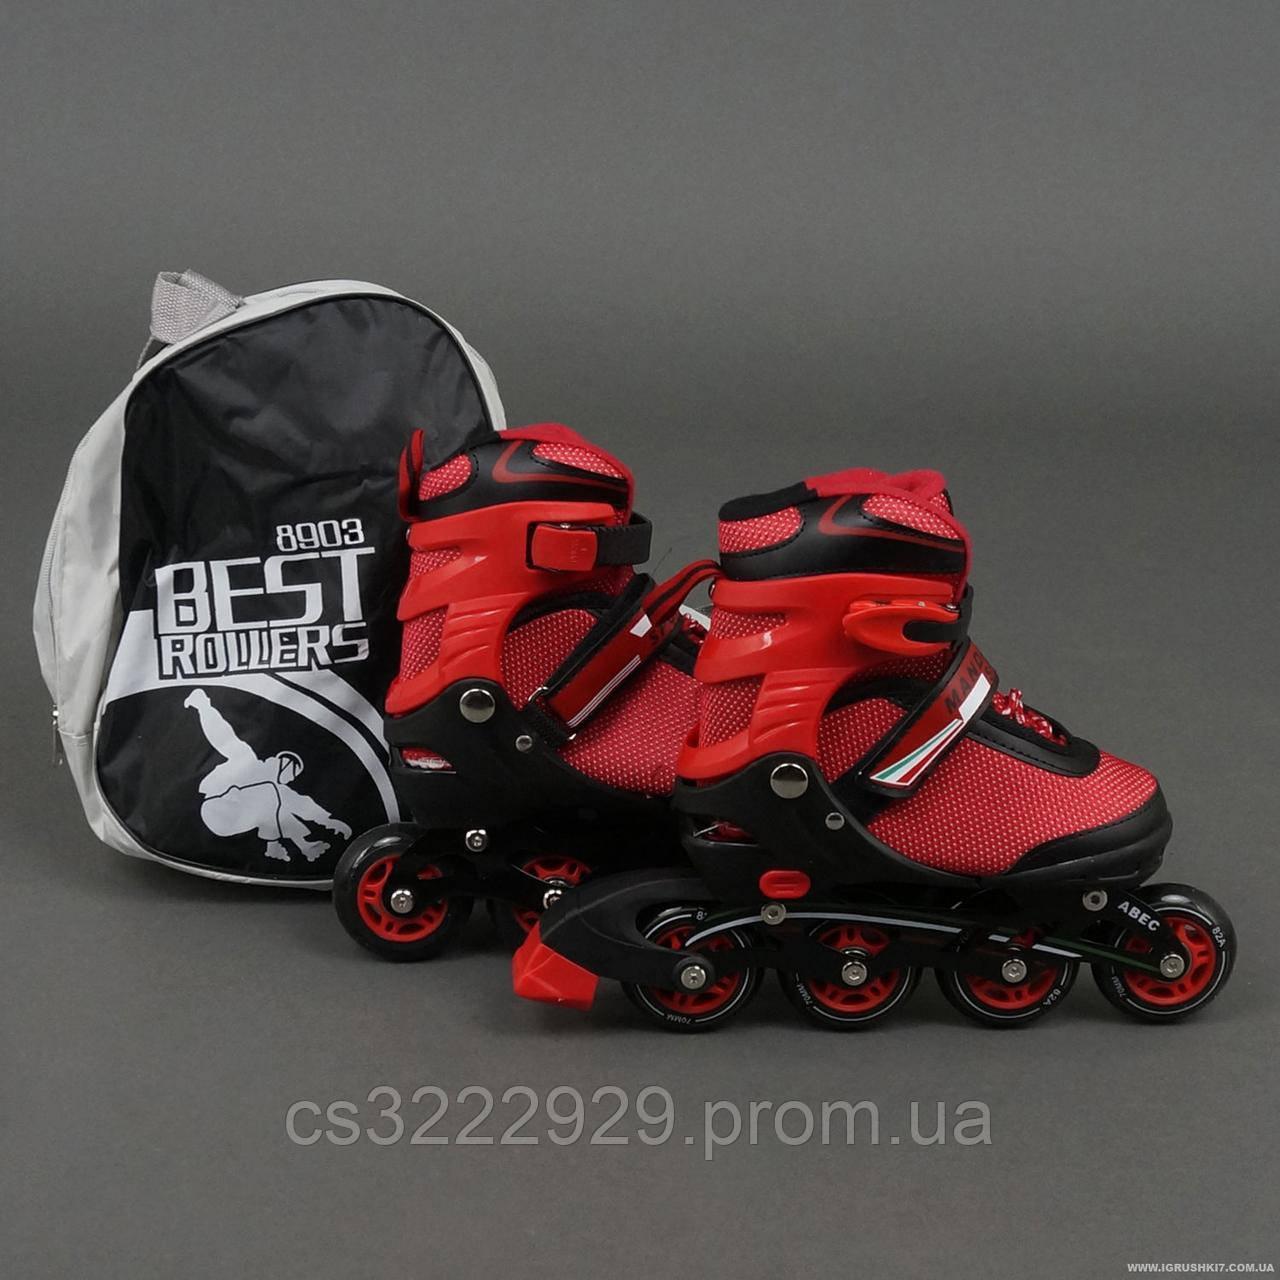 """Детские Ролики 8903 """"L"""" Best Rollers цвет-КРАСНЫЙ /размер 39-42"""